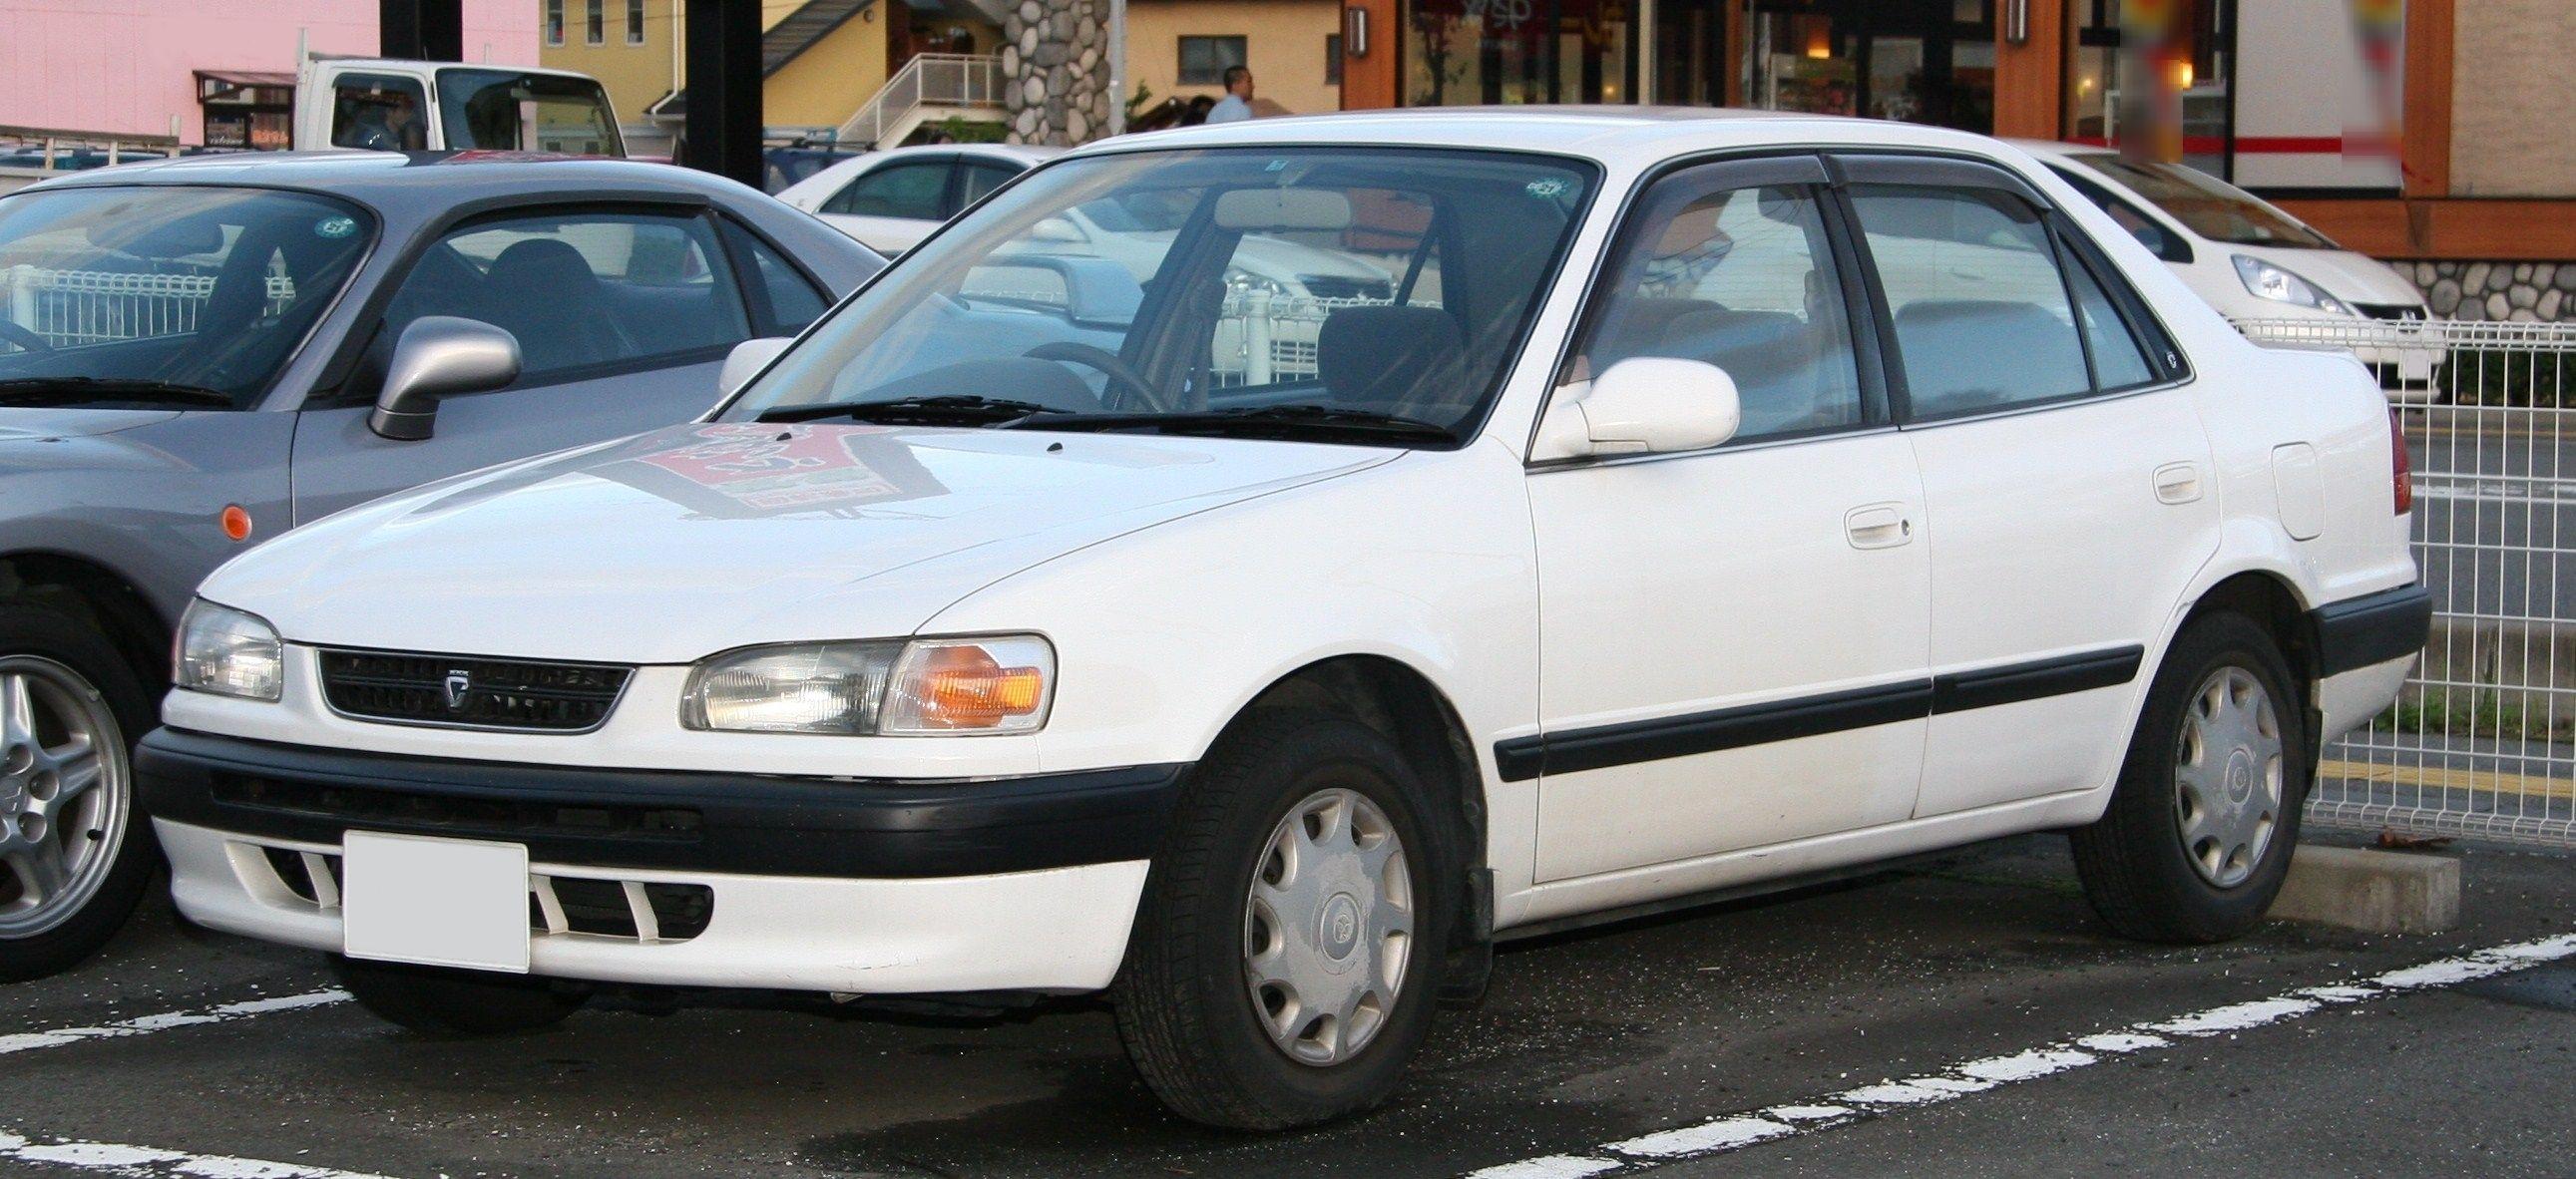 Тойота королла 1995 фото